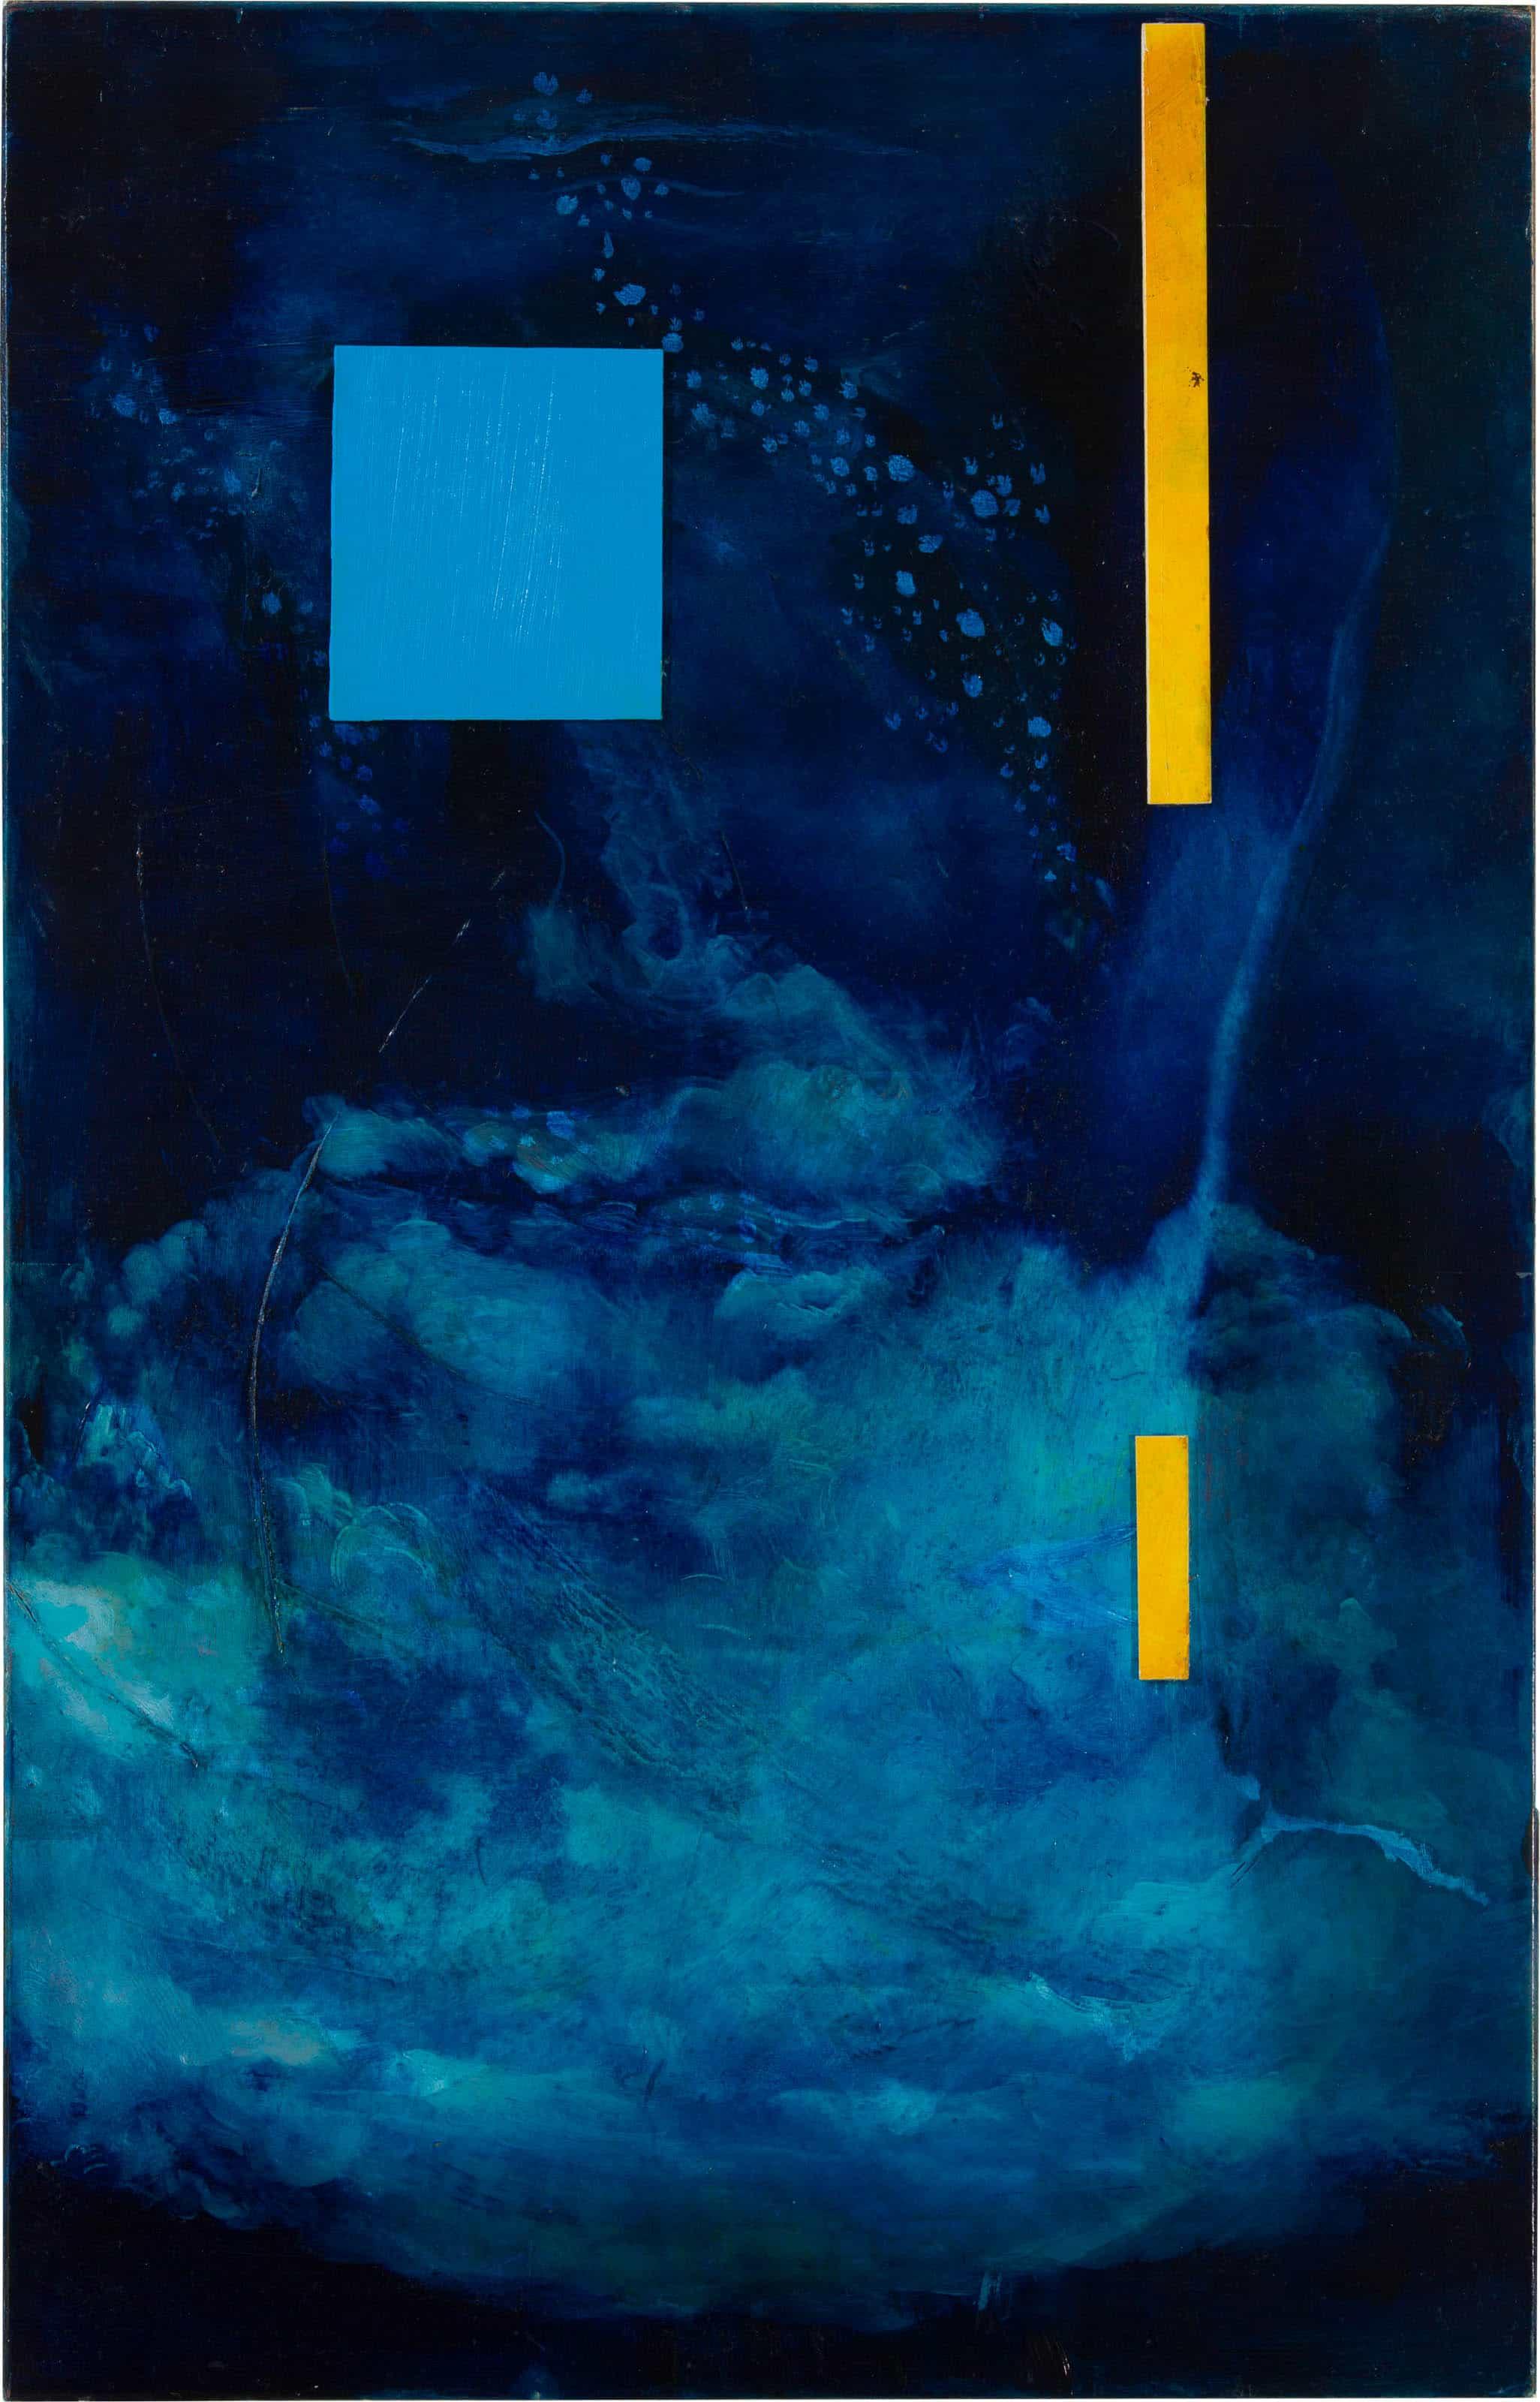 Nr.35 | 69 x 44 cm | z.t. |olieverf | 4 delen | 2018